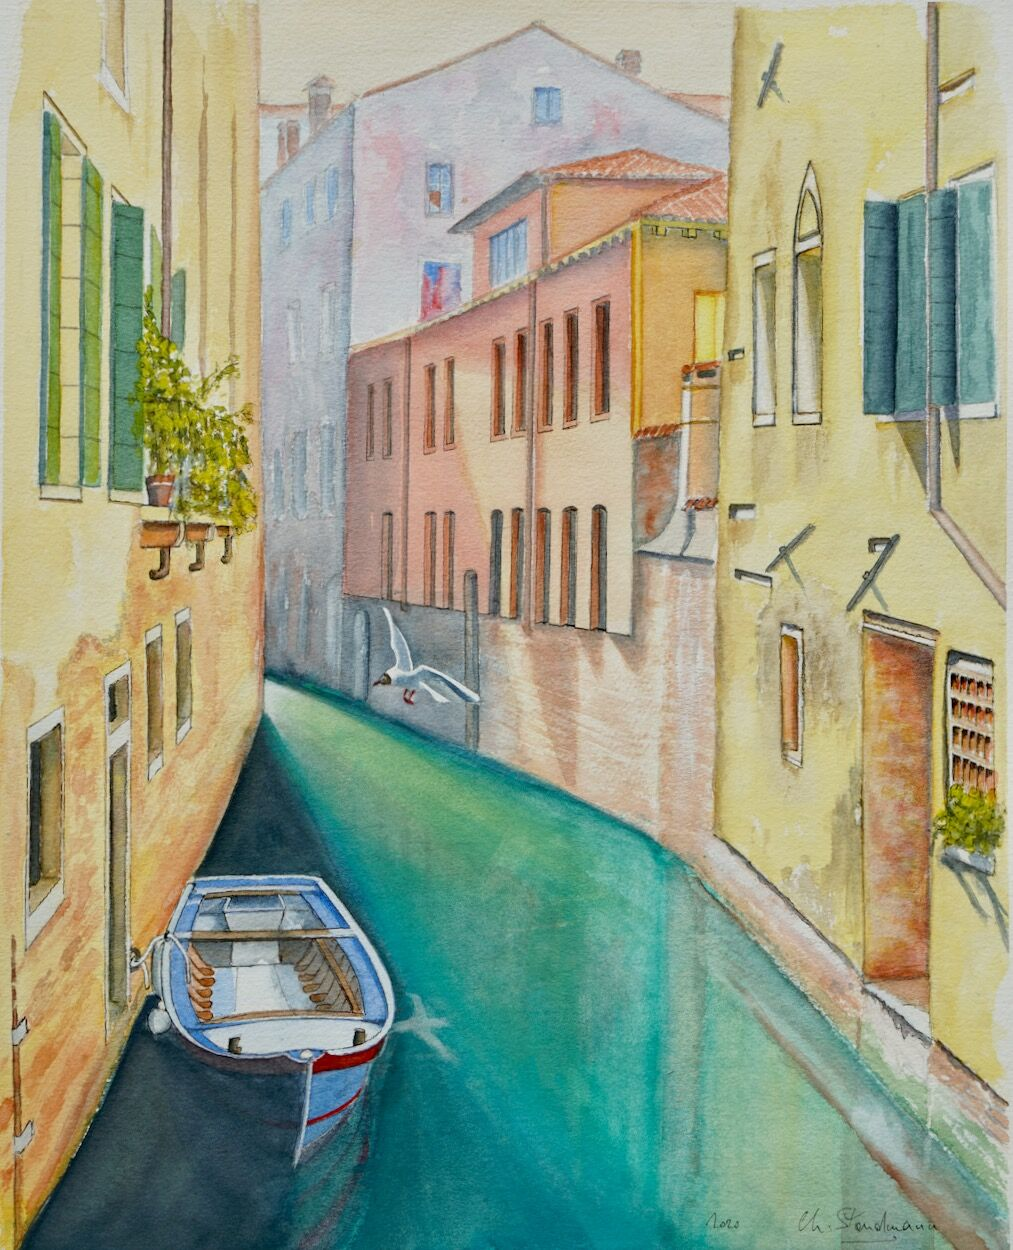 Duo - Canal de Venise de jour / Venice canal by day